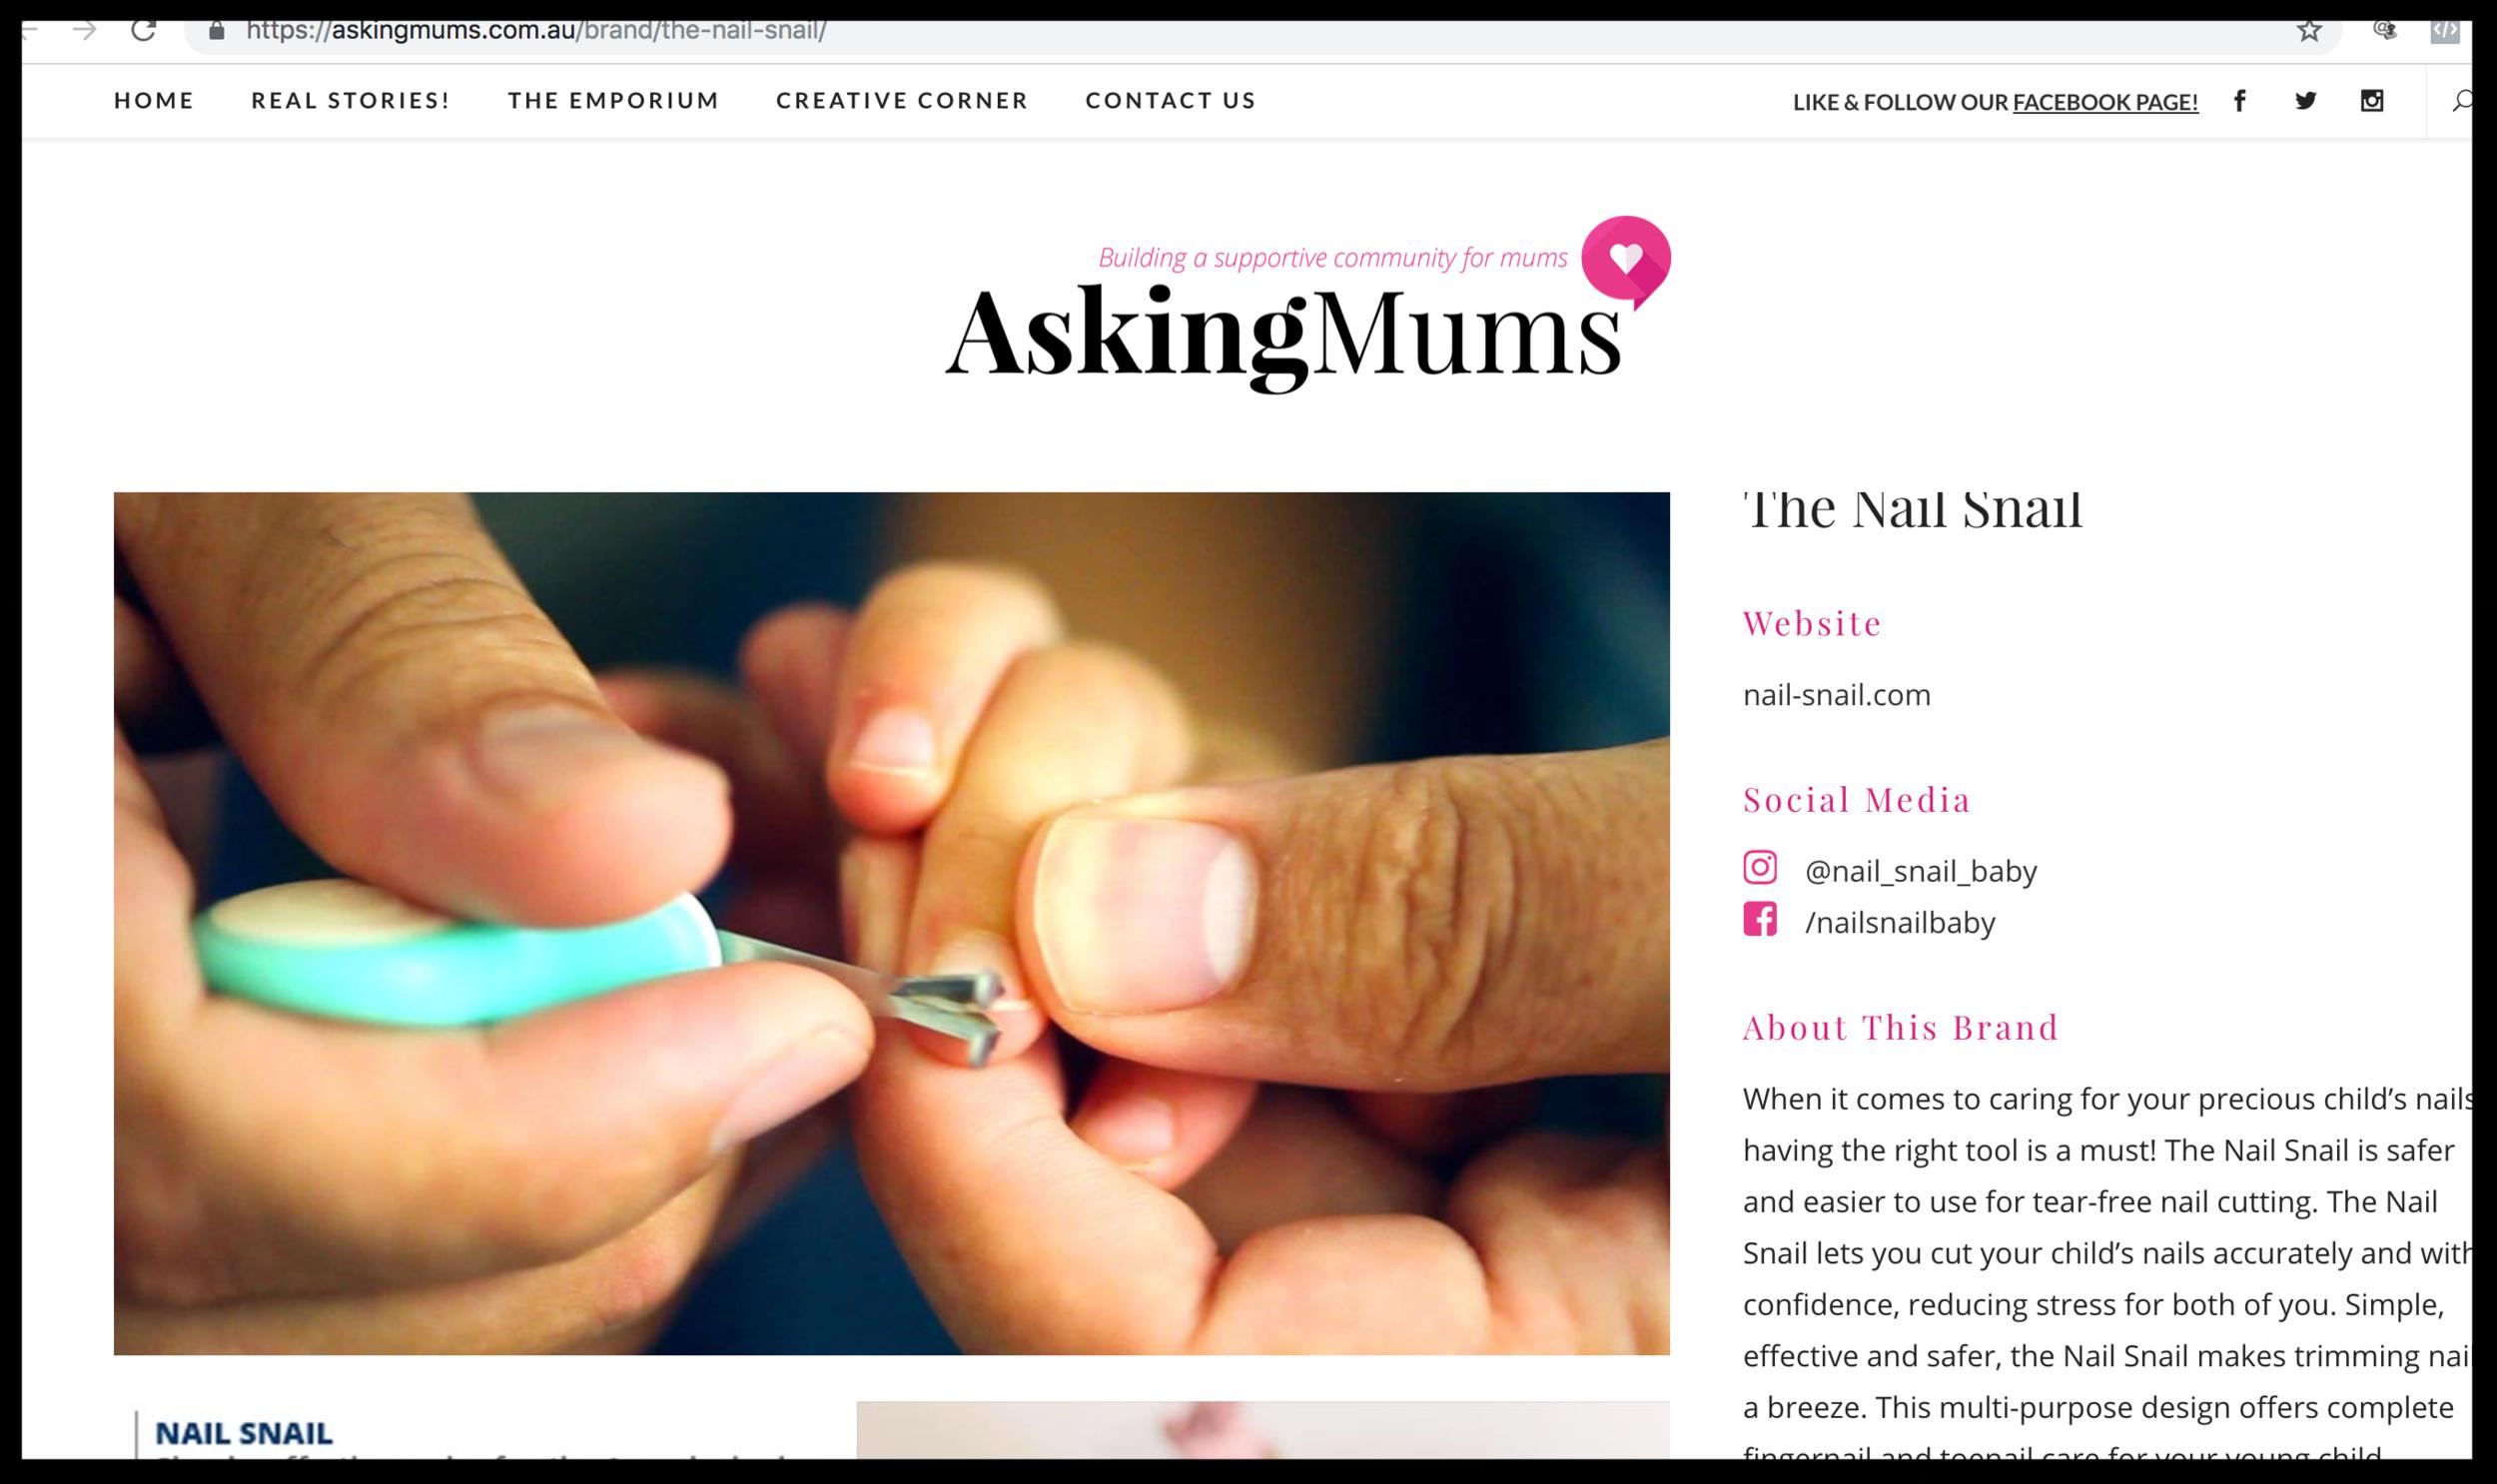 Asking Mums Blog